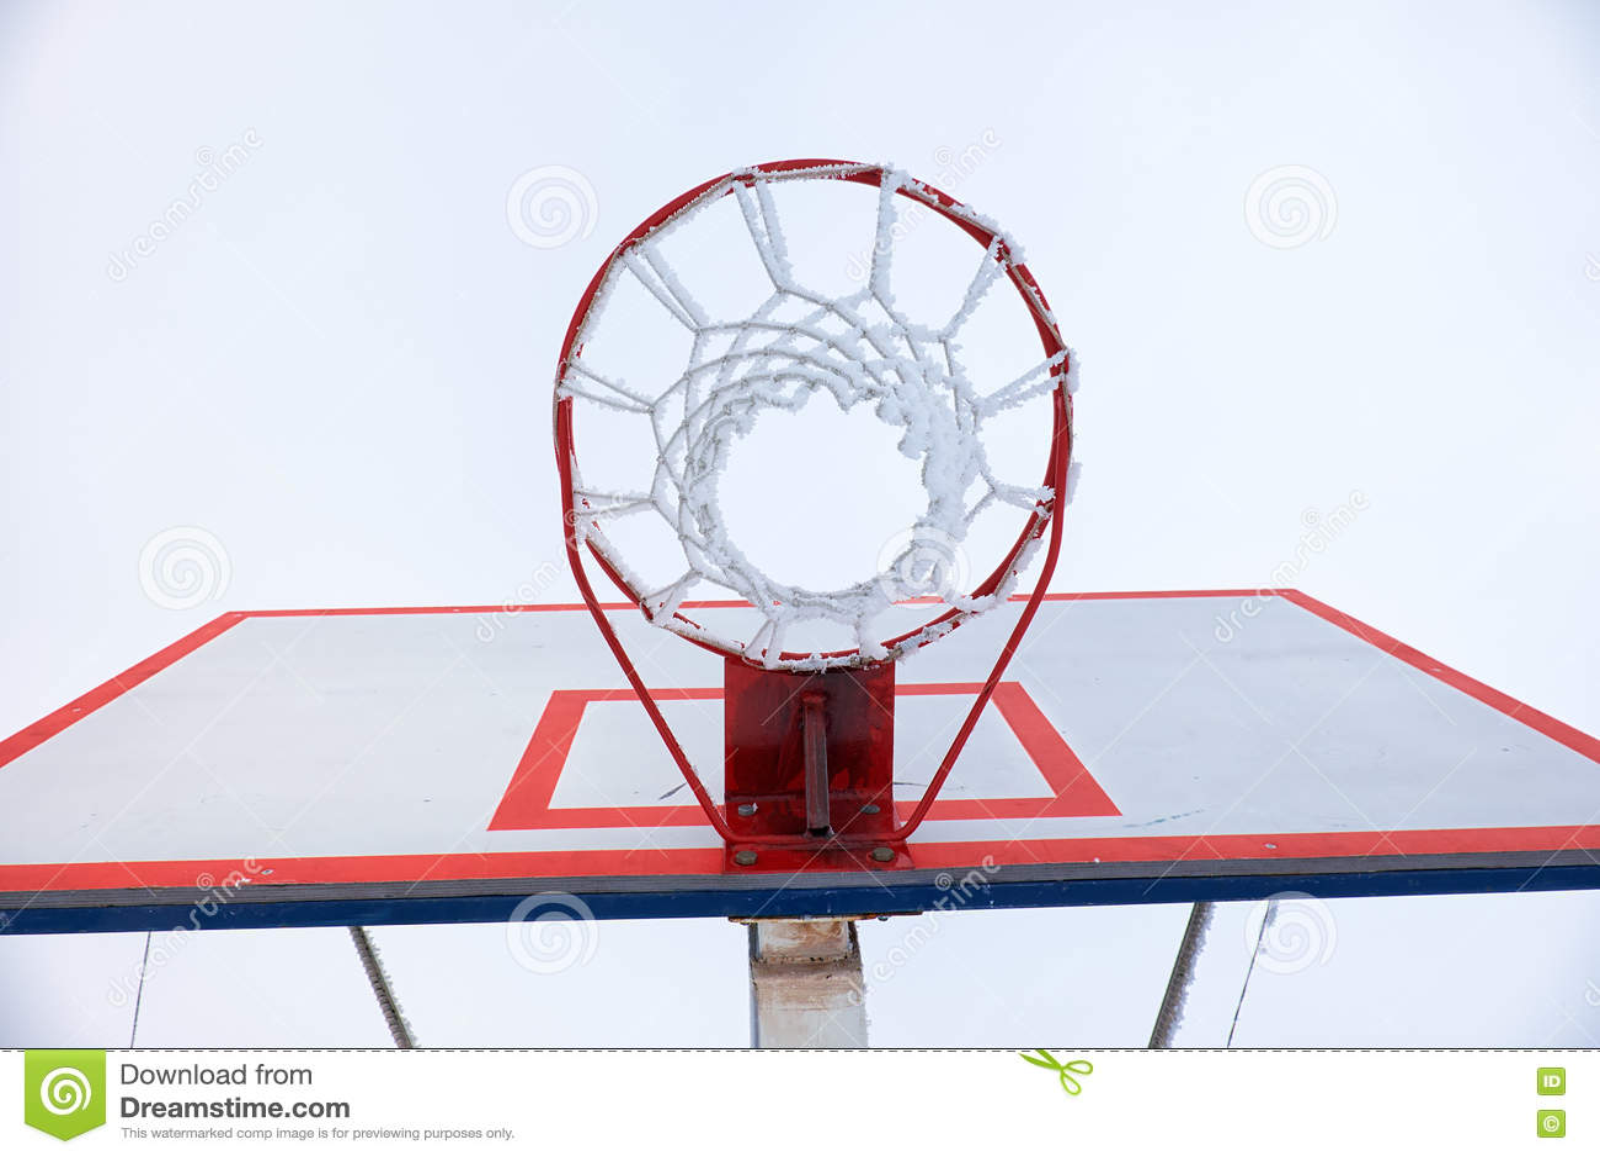 Aro de baloncesto con la red, cubierta por la escarcha